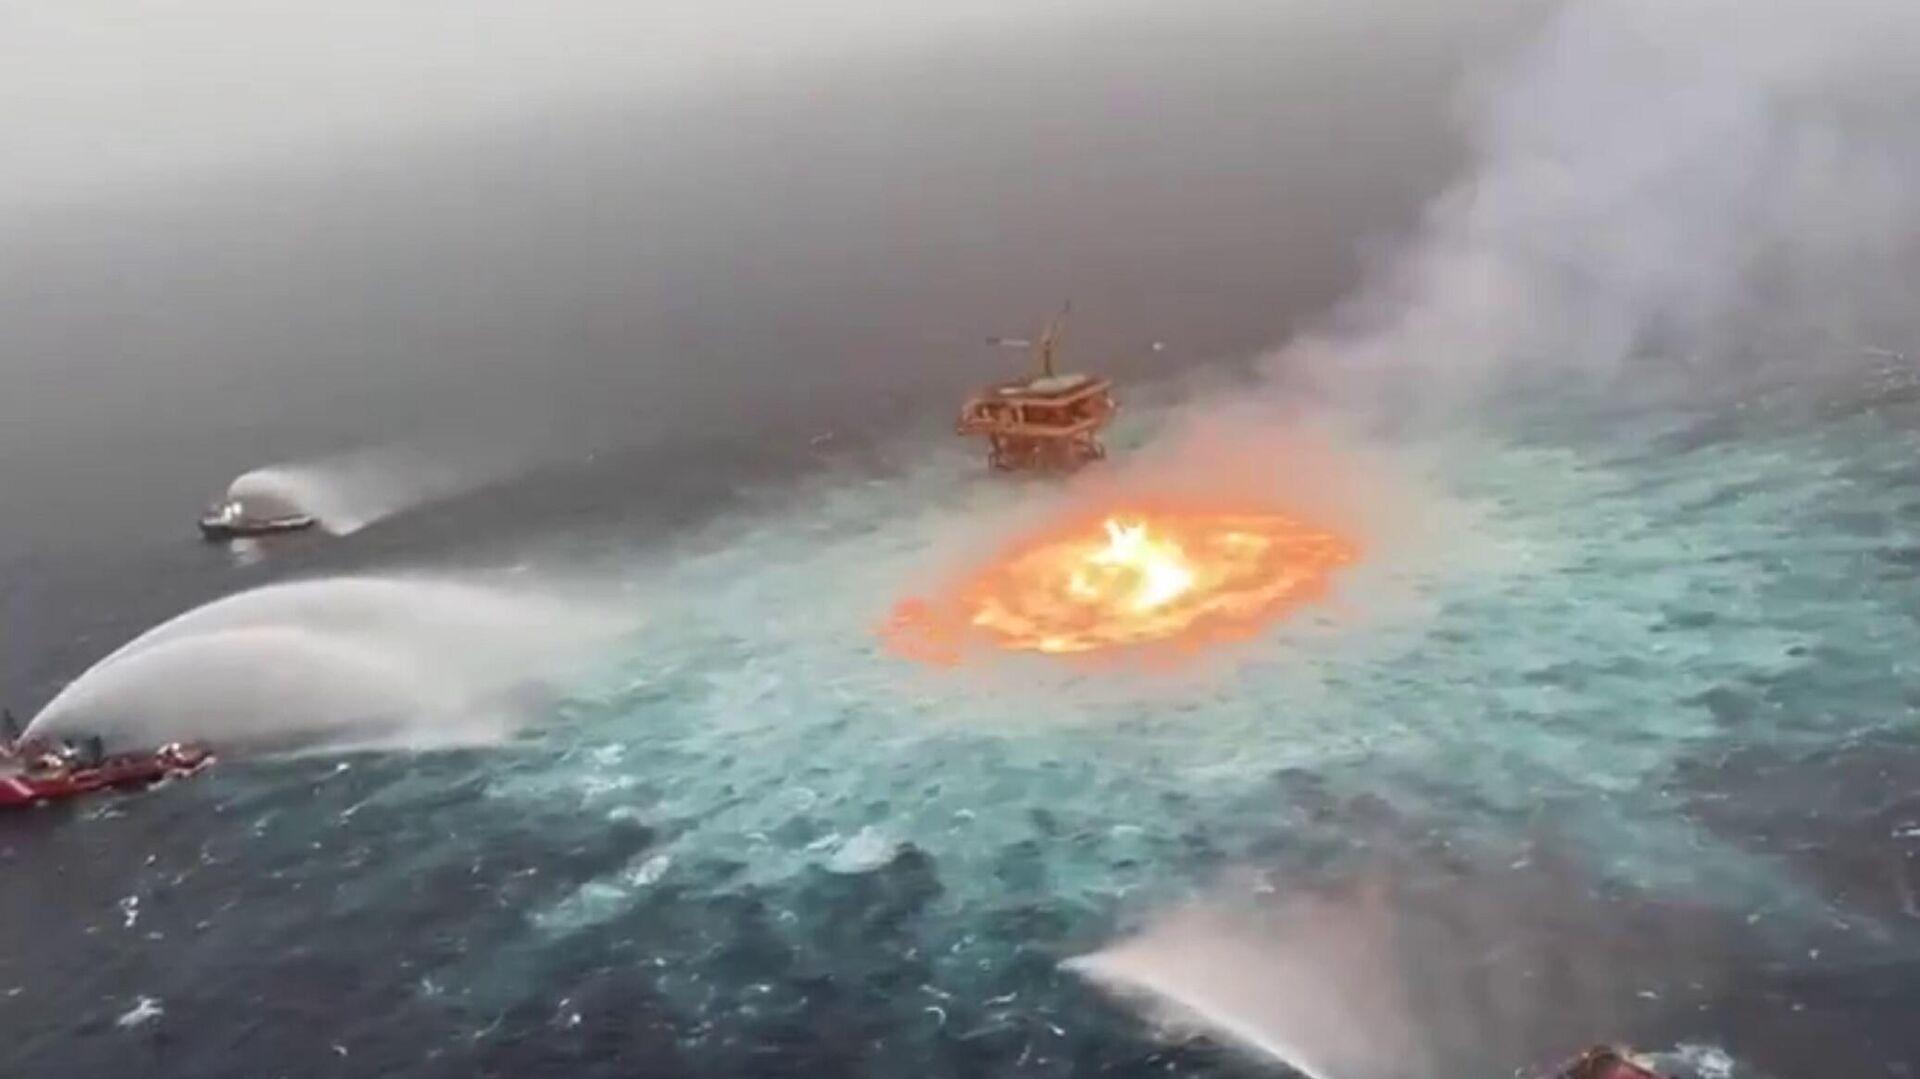 Incendio sottomarino nel Golfo del Messico - Sputnik Italia, 1920, 03.07.2021